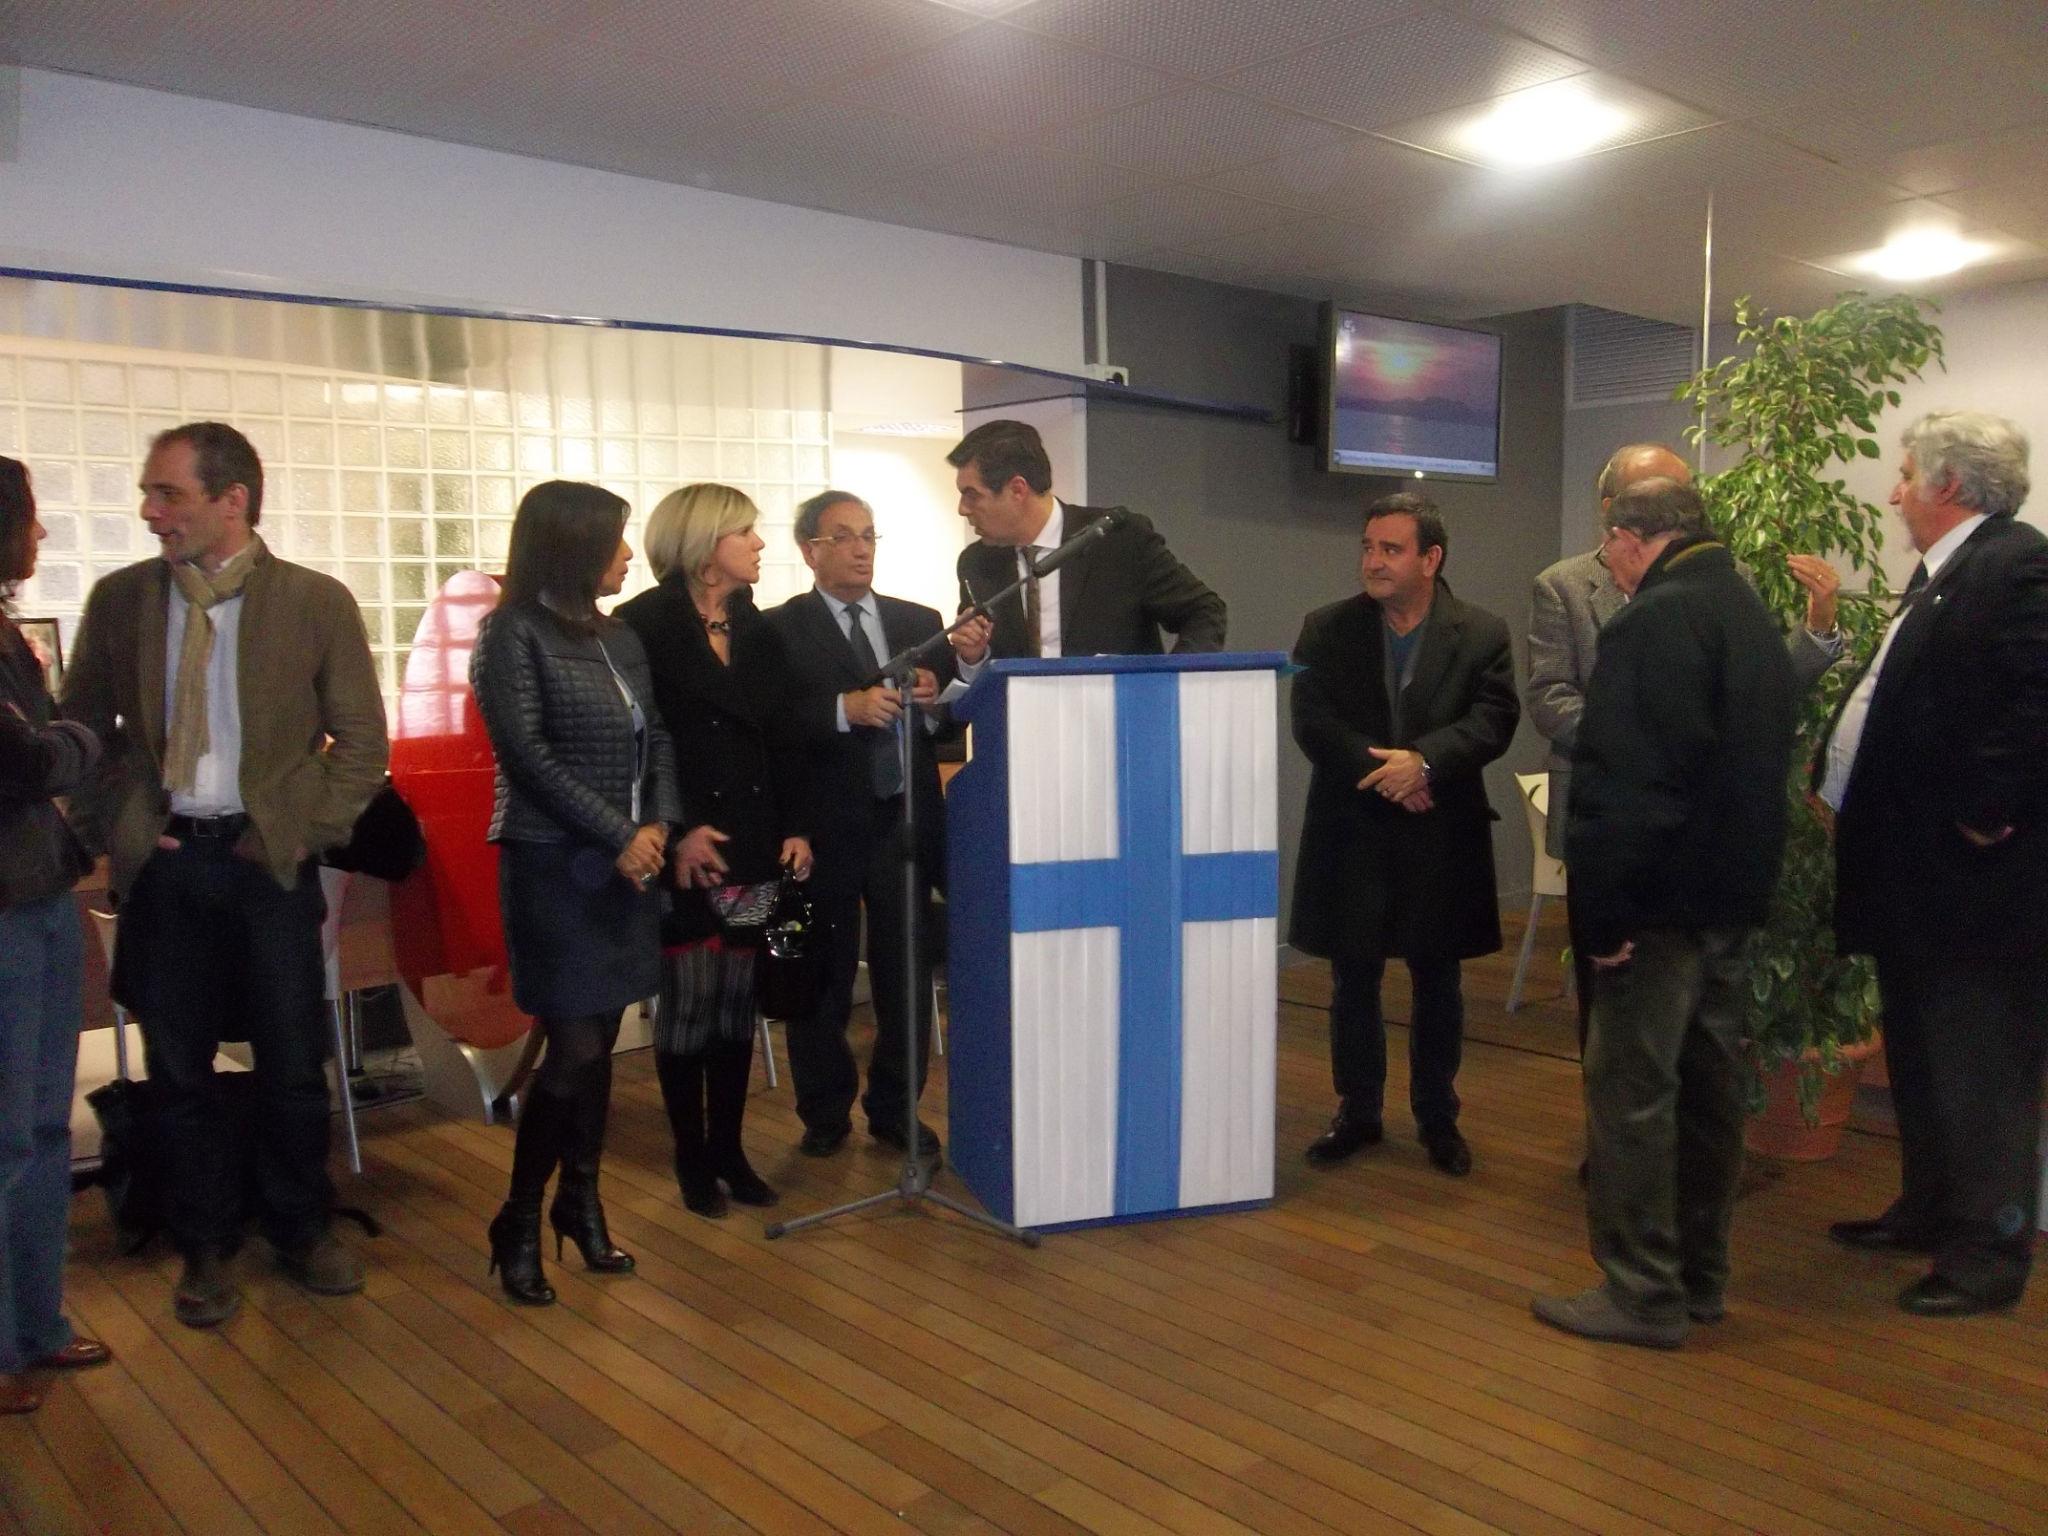 Inauguration du bureau municipal de proximit au merlan le blog de sylvie andrieux - Bureau municipal de proximite marseille ...